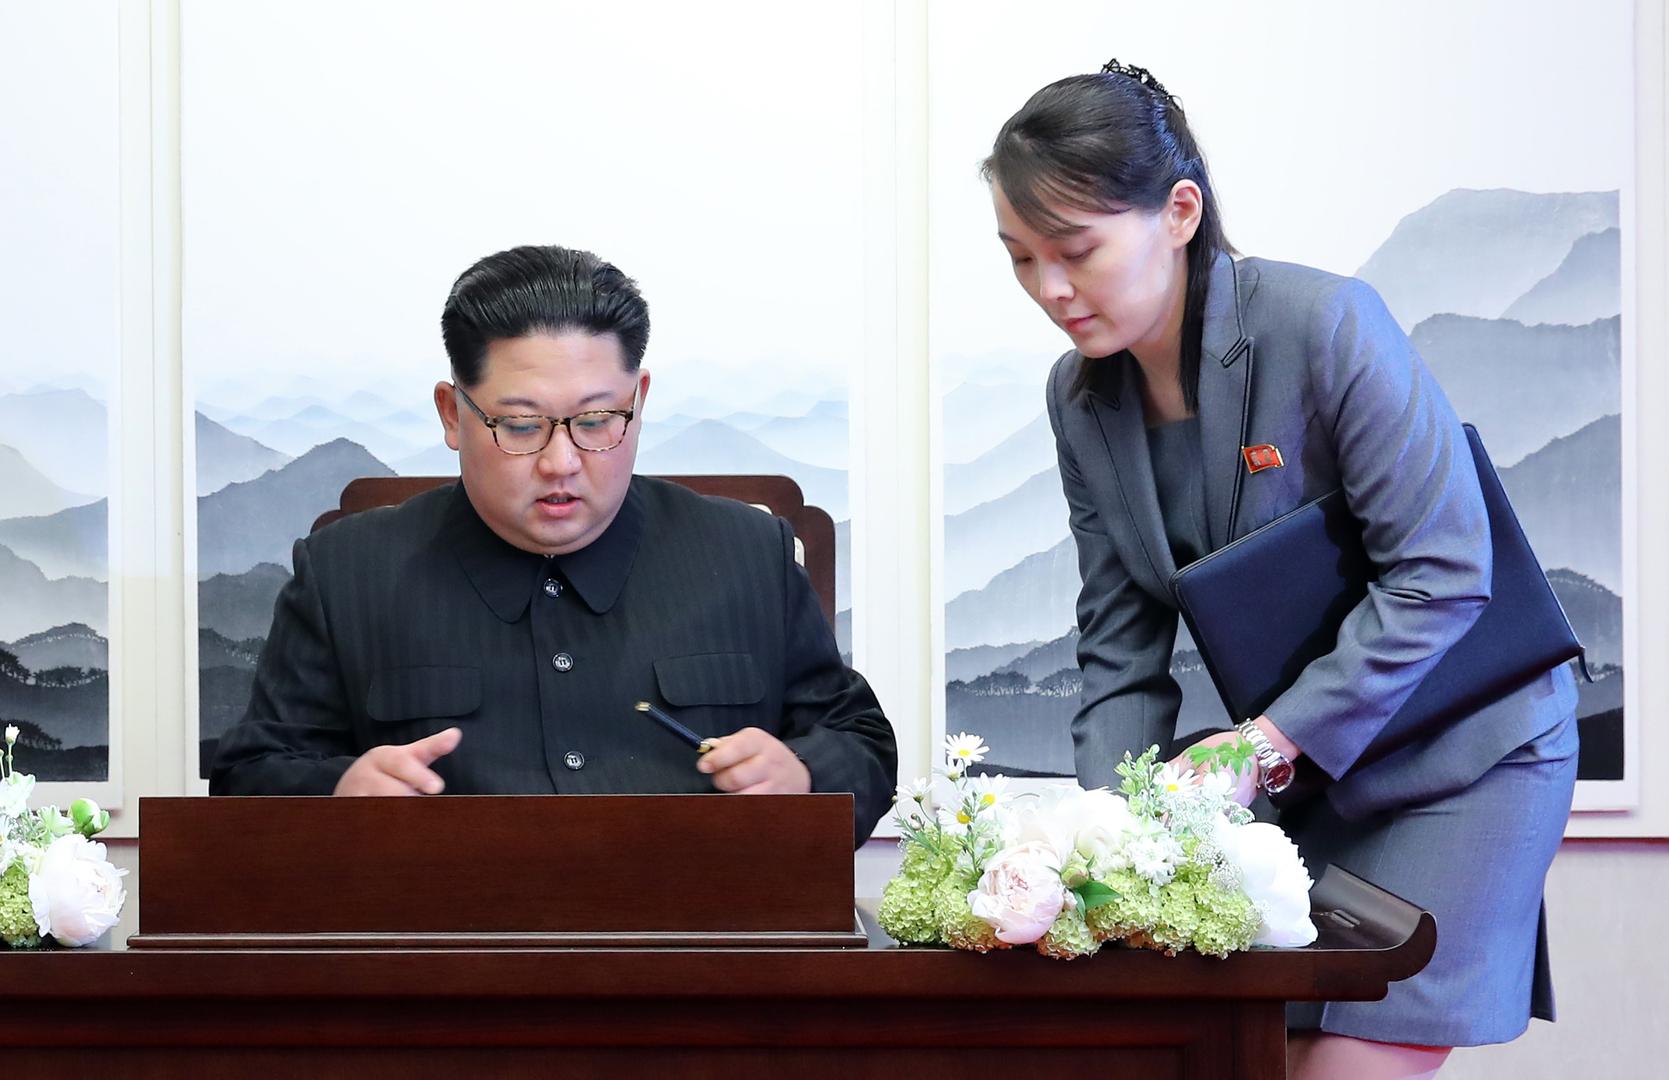 شقيقة الزعيم الكوري الشمالي تحذر من تدمير العلاقات مع كوريا الجنوبية